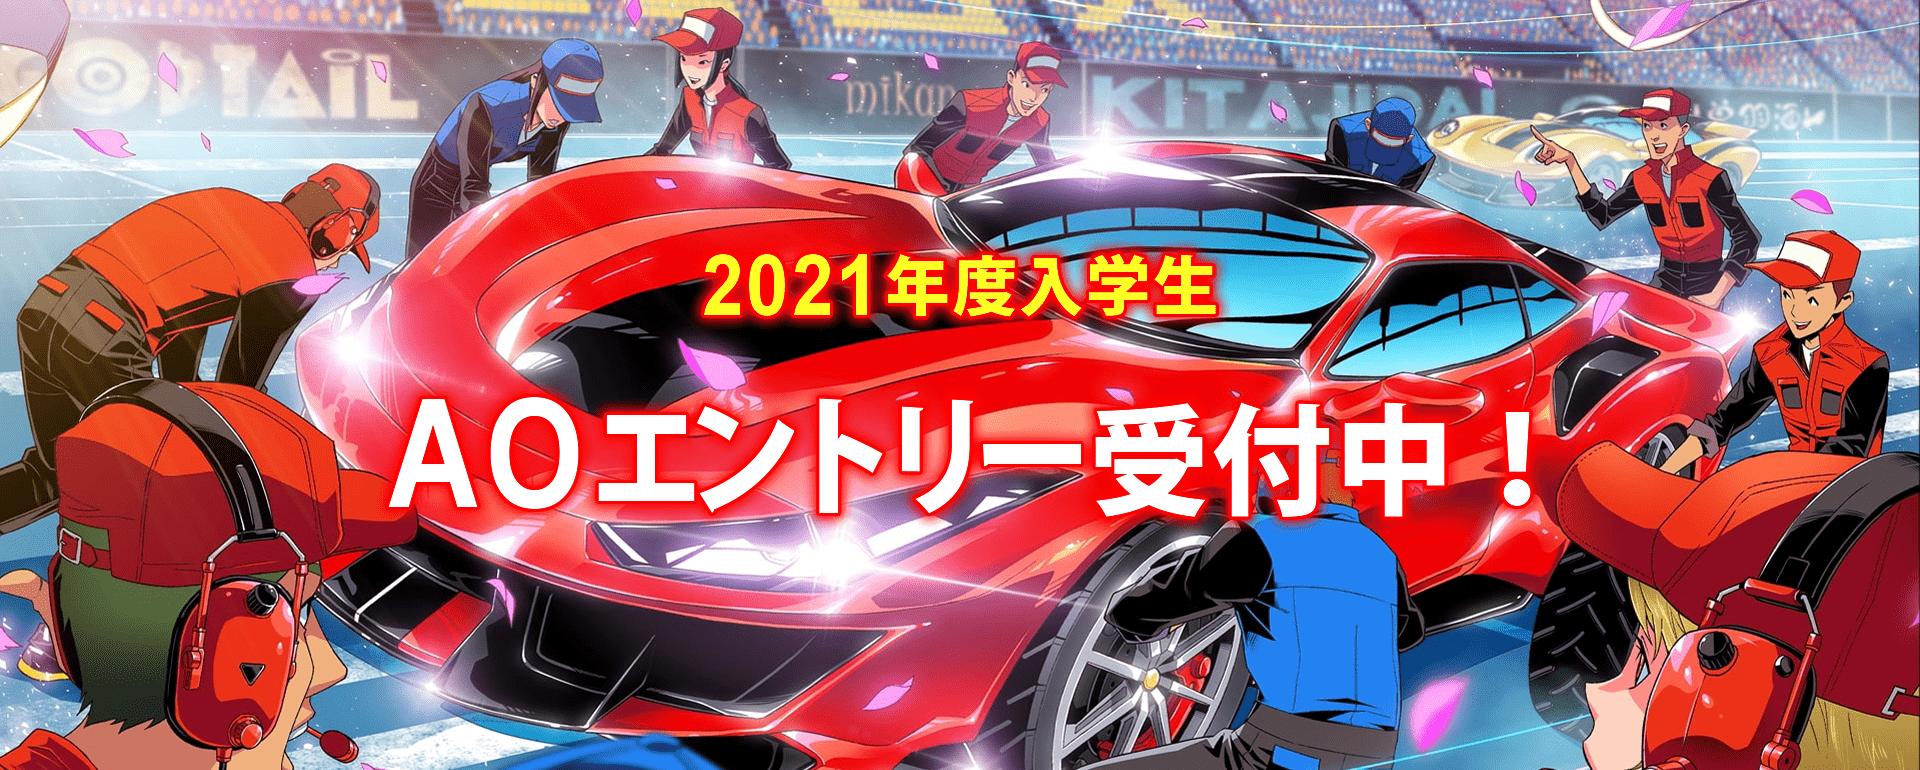 2021年度入学生 AOエントリー受付中!AO入学試験は北九州自動車大学校に入学してから頑張るぞ!というやる気、将来自動車やバイク業界で頑張りたいという意欲を重視する入試です。